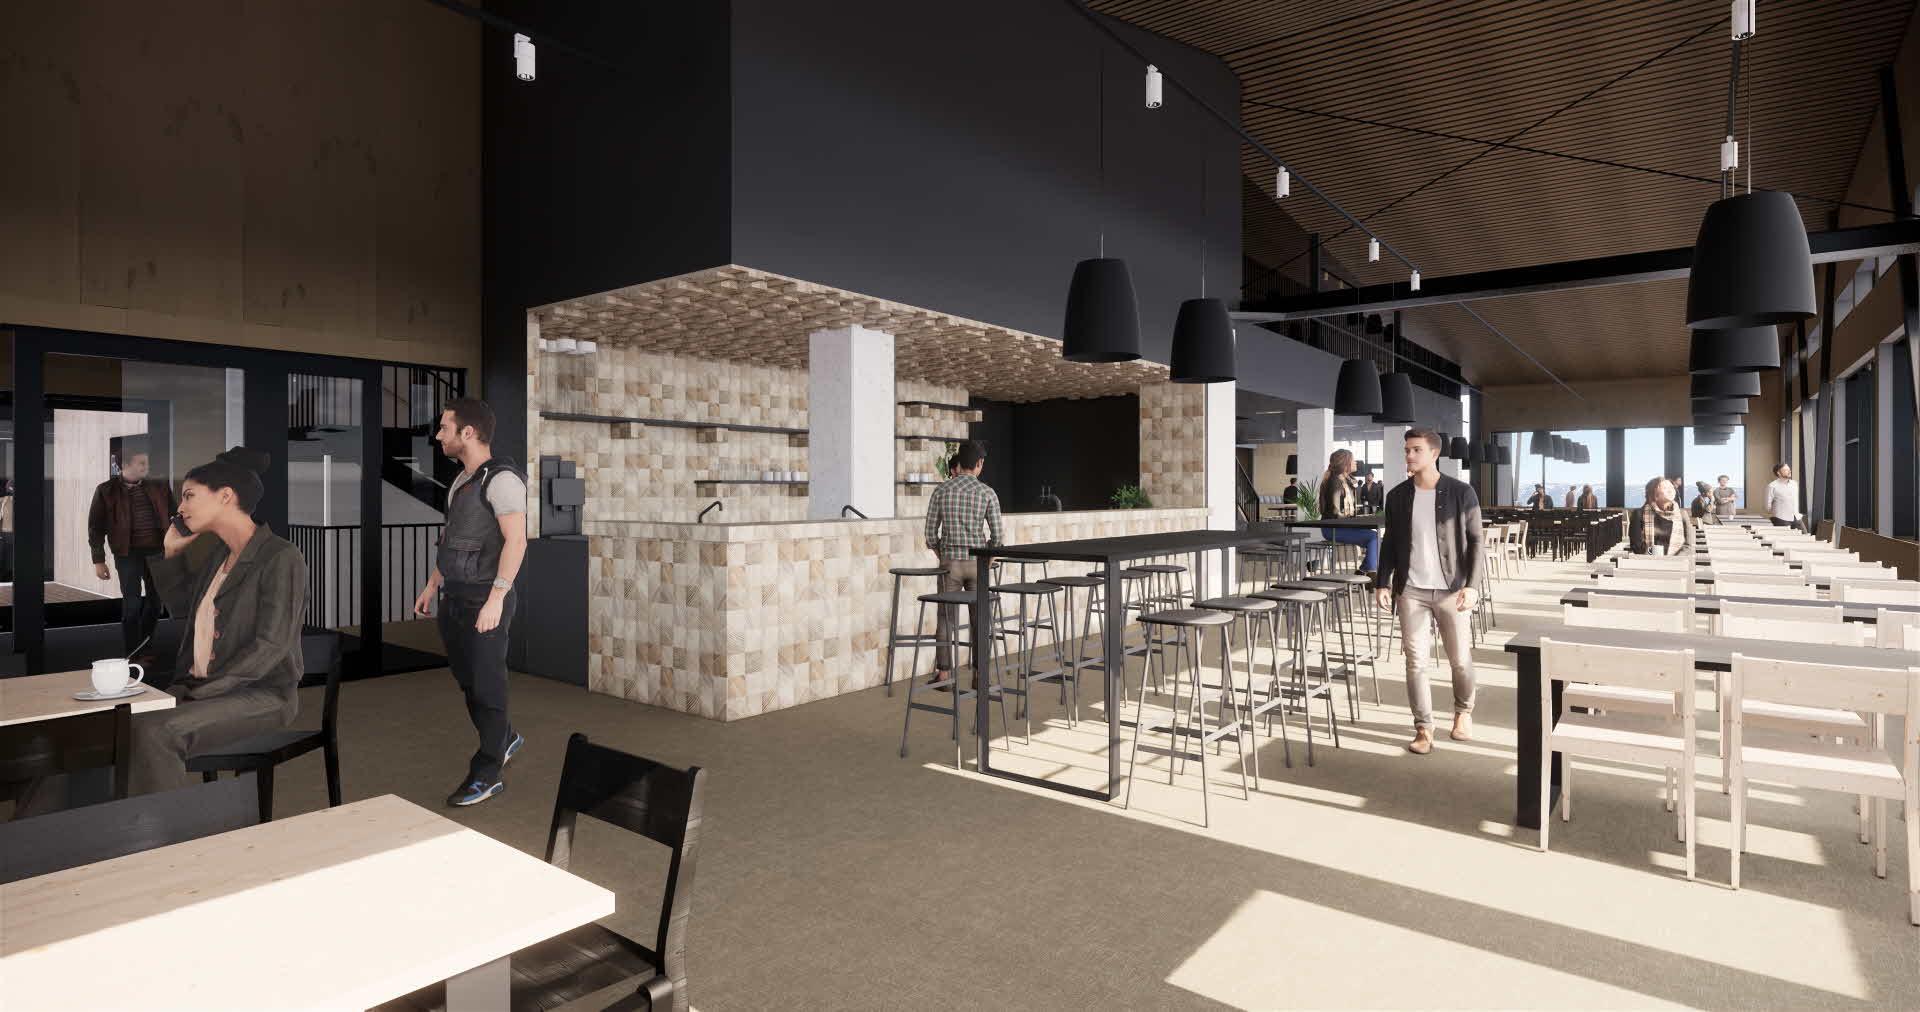 Folk nyter den spektakulære utsikten og nordiske designen til den romslige restauranten ved toppstasjonen til Voss Gondol.